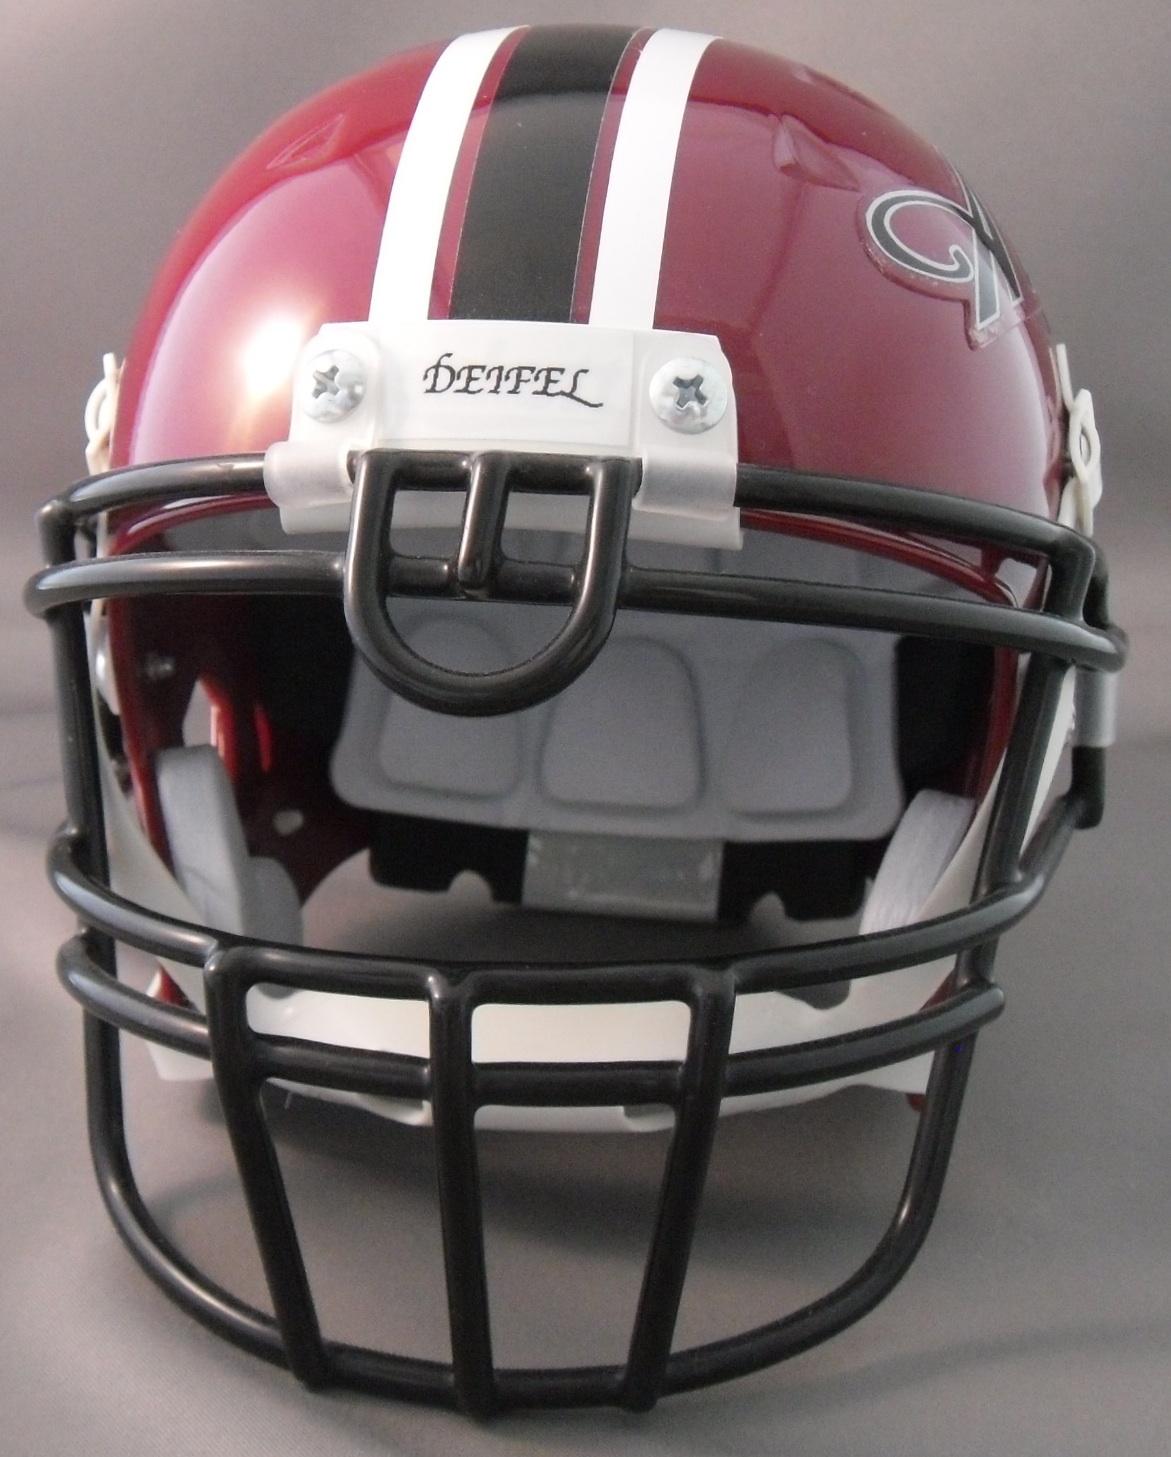 Back Bumper Football Helmets Types : Helmetnation wedding helmets